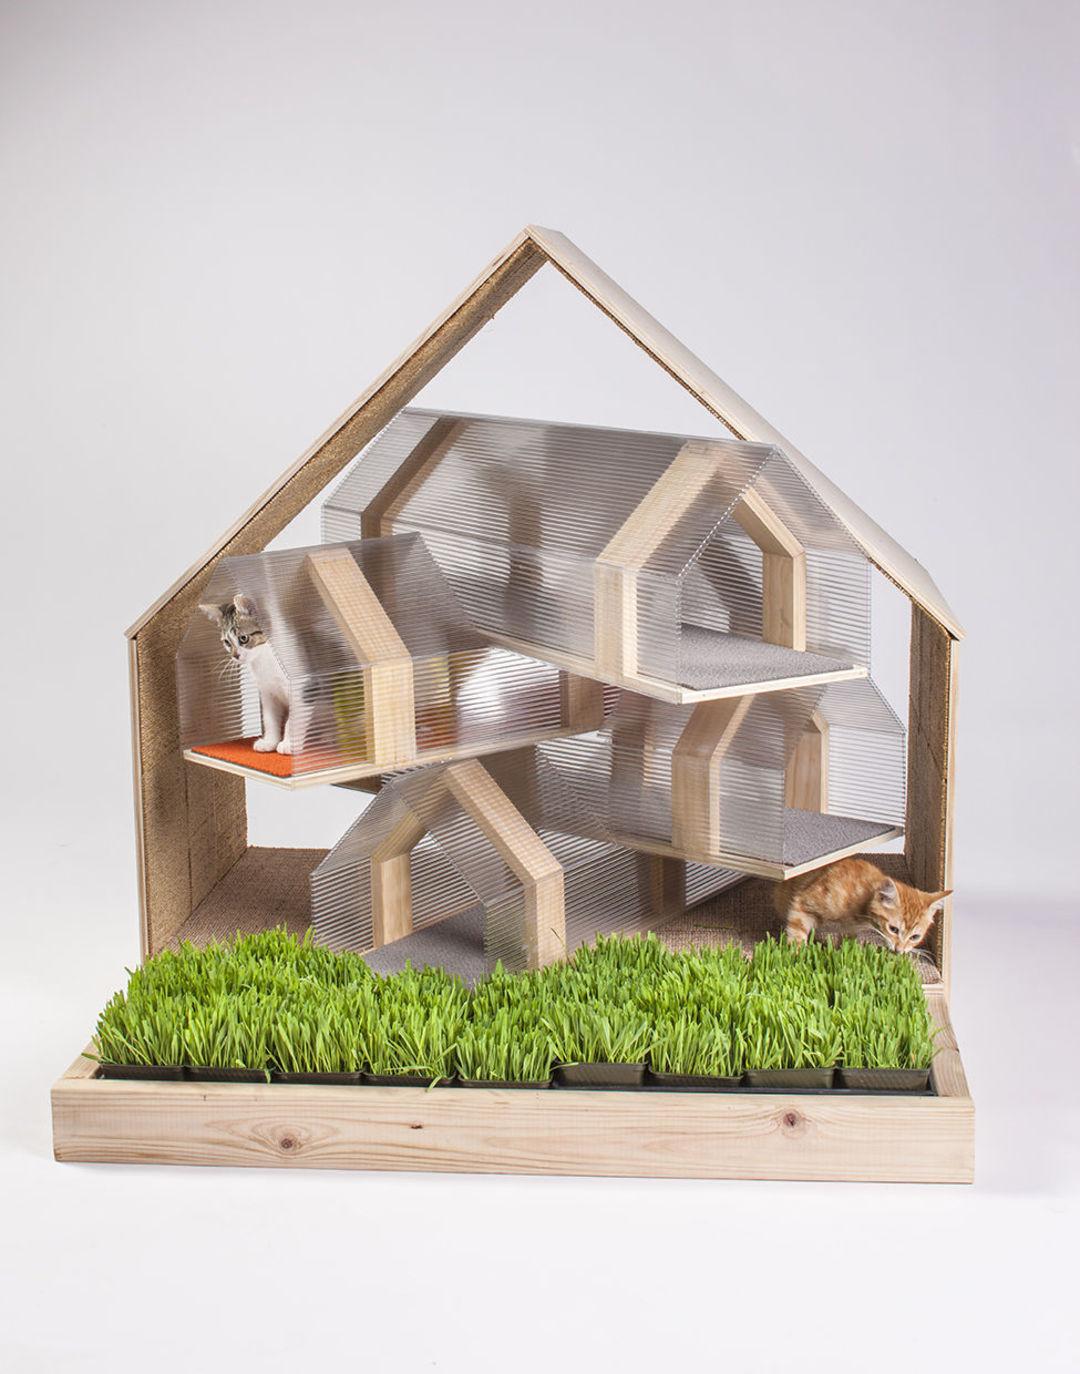 建筑师开脑洞,给喵星人盖了12种有趣的房子_设计_好奇心日报